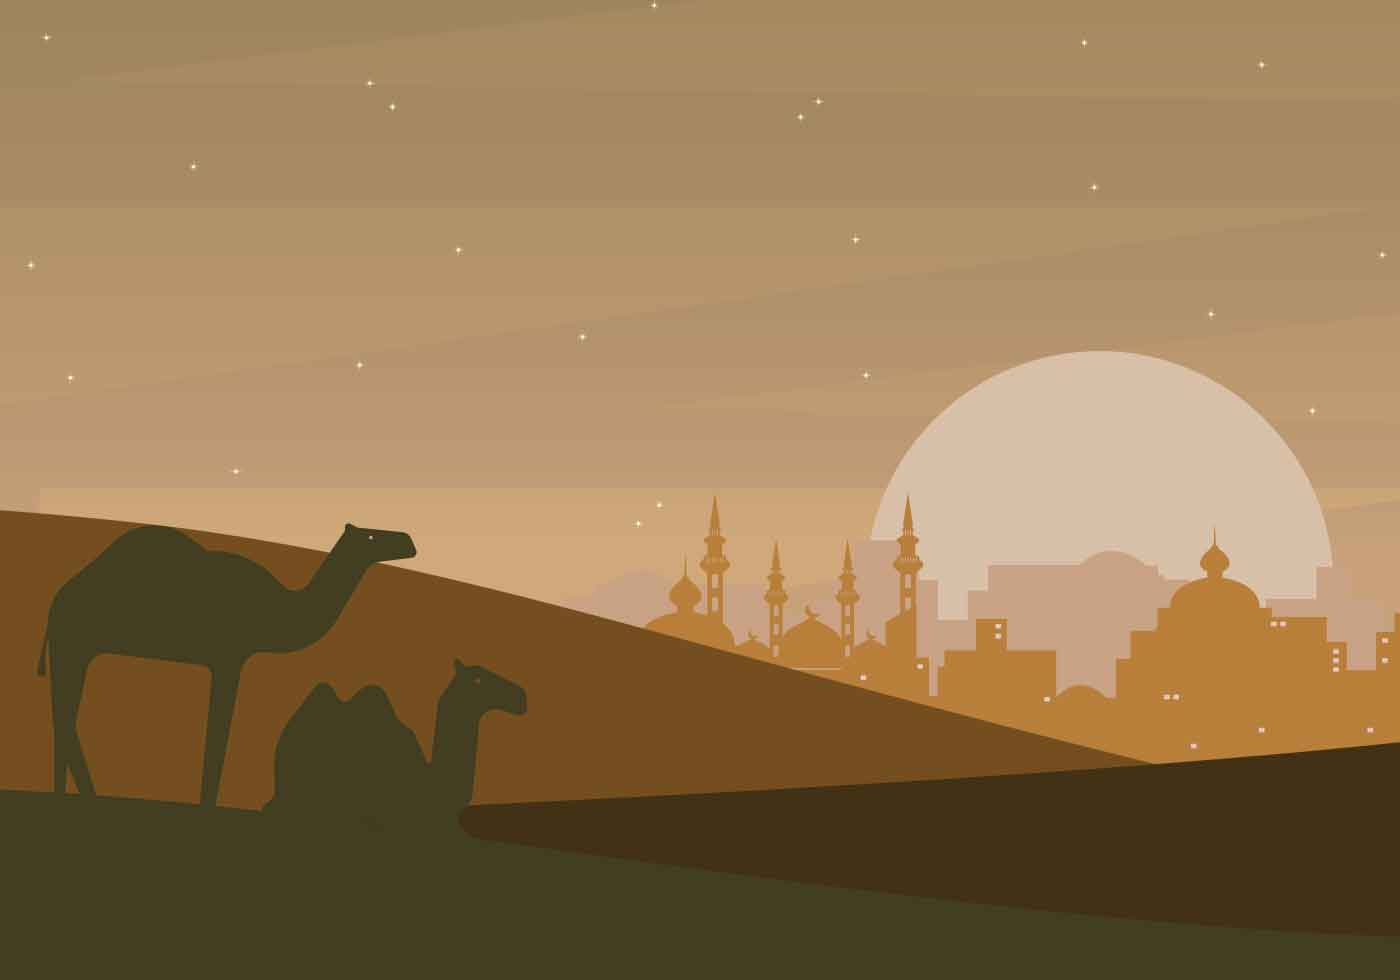 free arabian night illustration